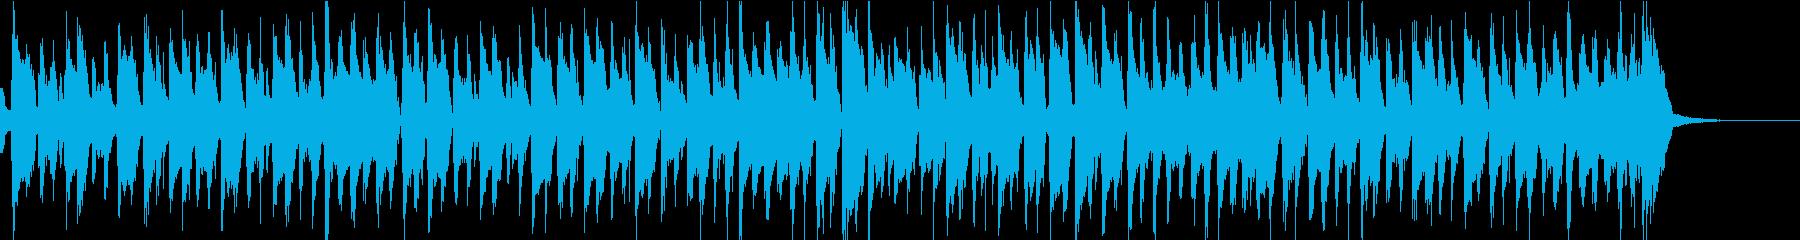 かわいい楽しい生アコギのスウィングジャズの再生済みの波形